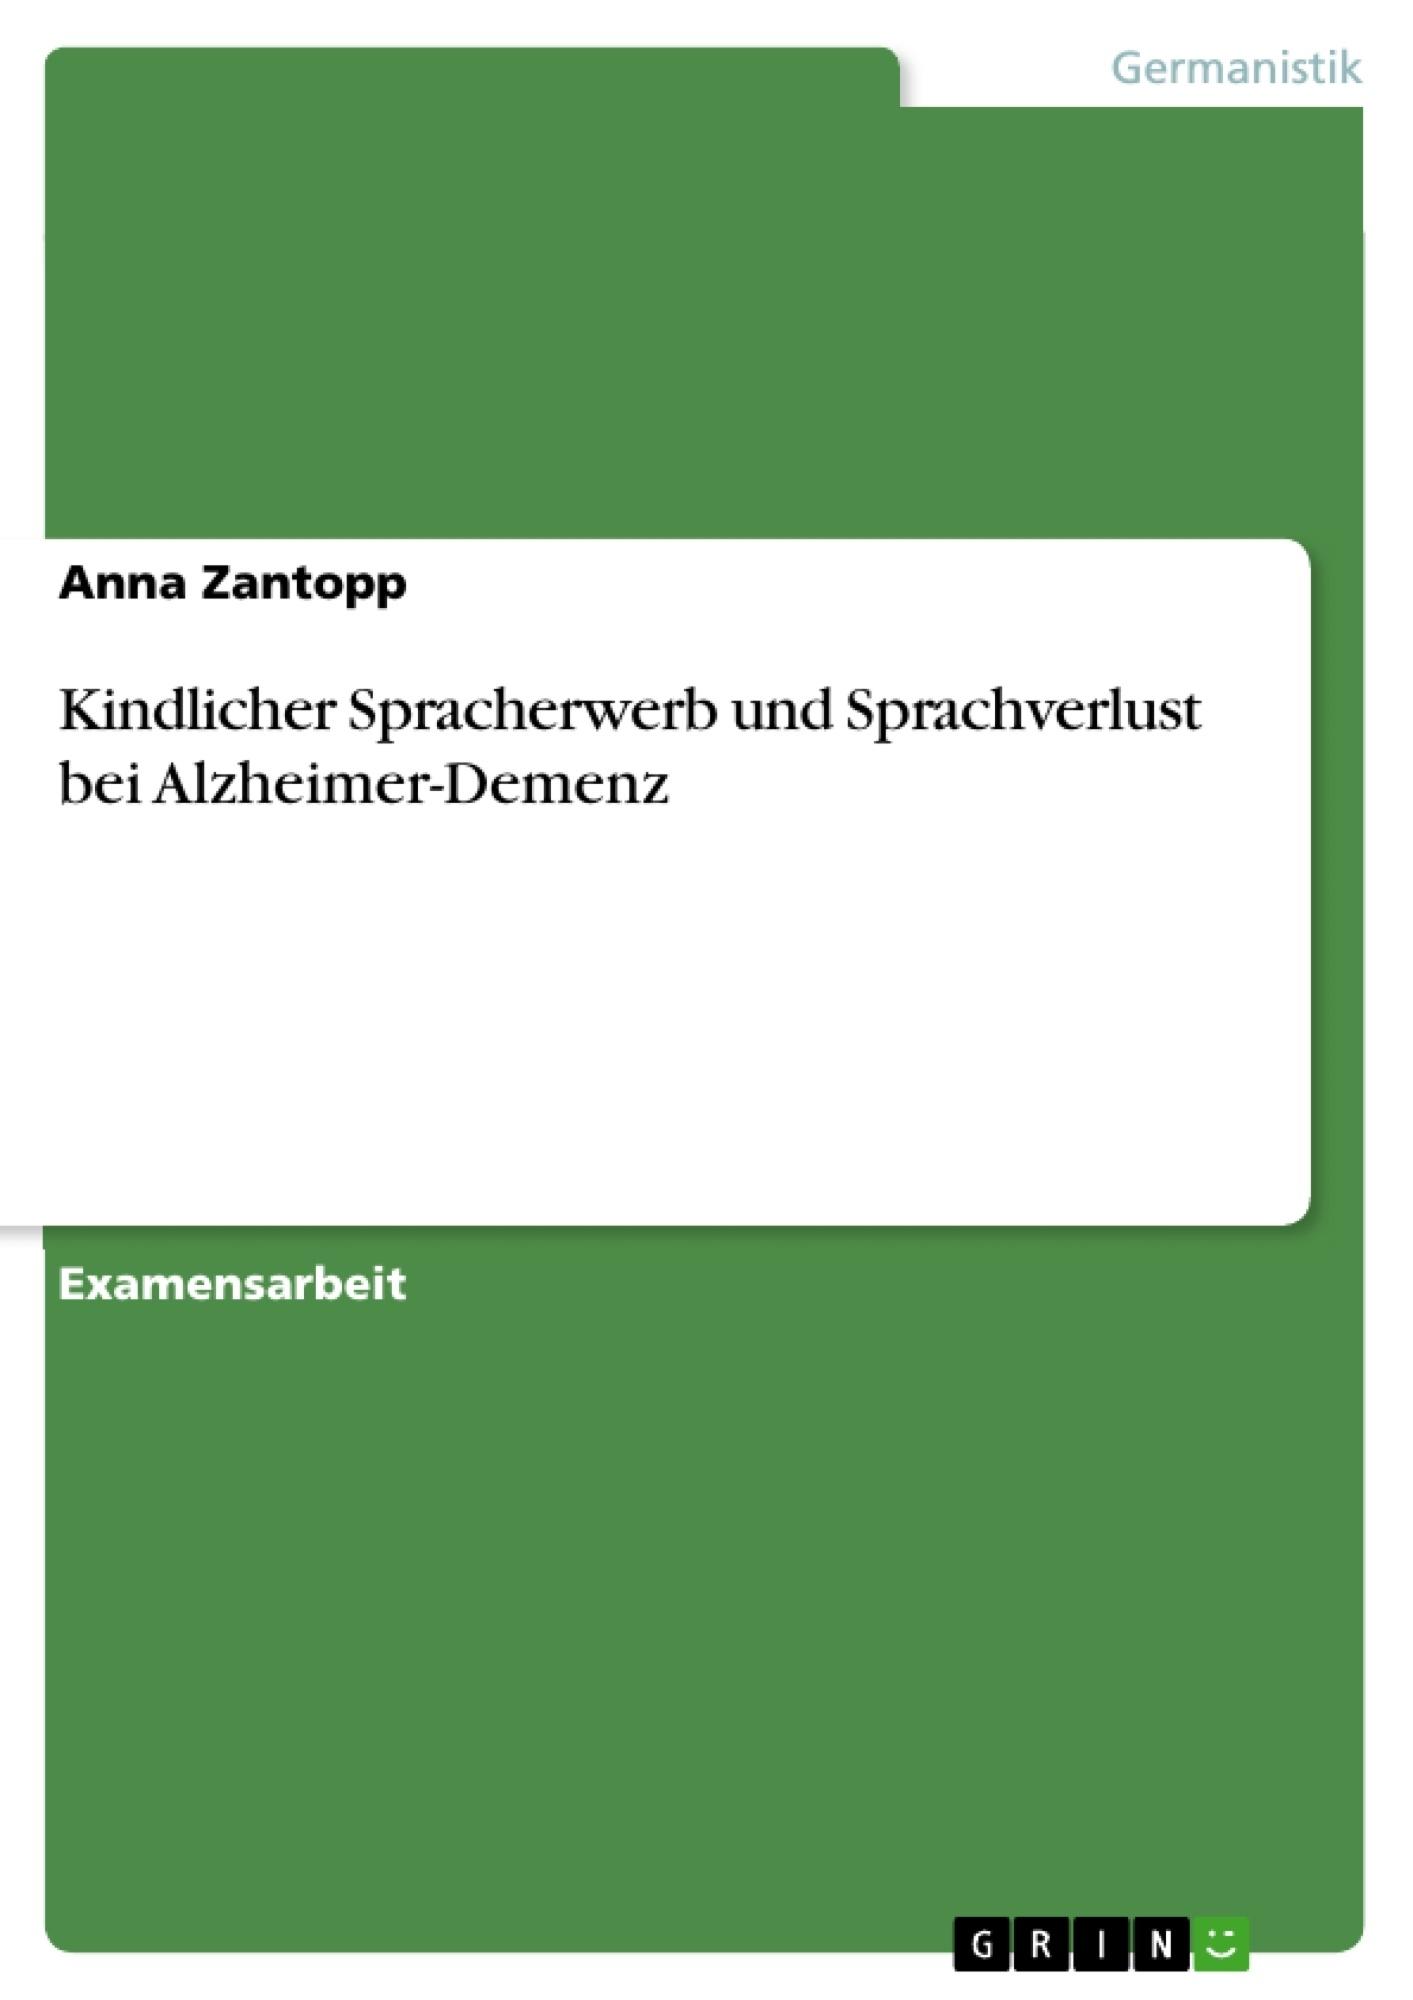 Titel: Kindlicher Spracherwerb und Sprachverlust bei Alzheimer-Demenz